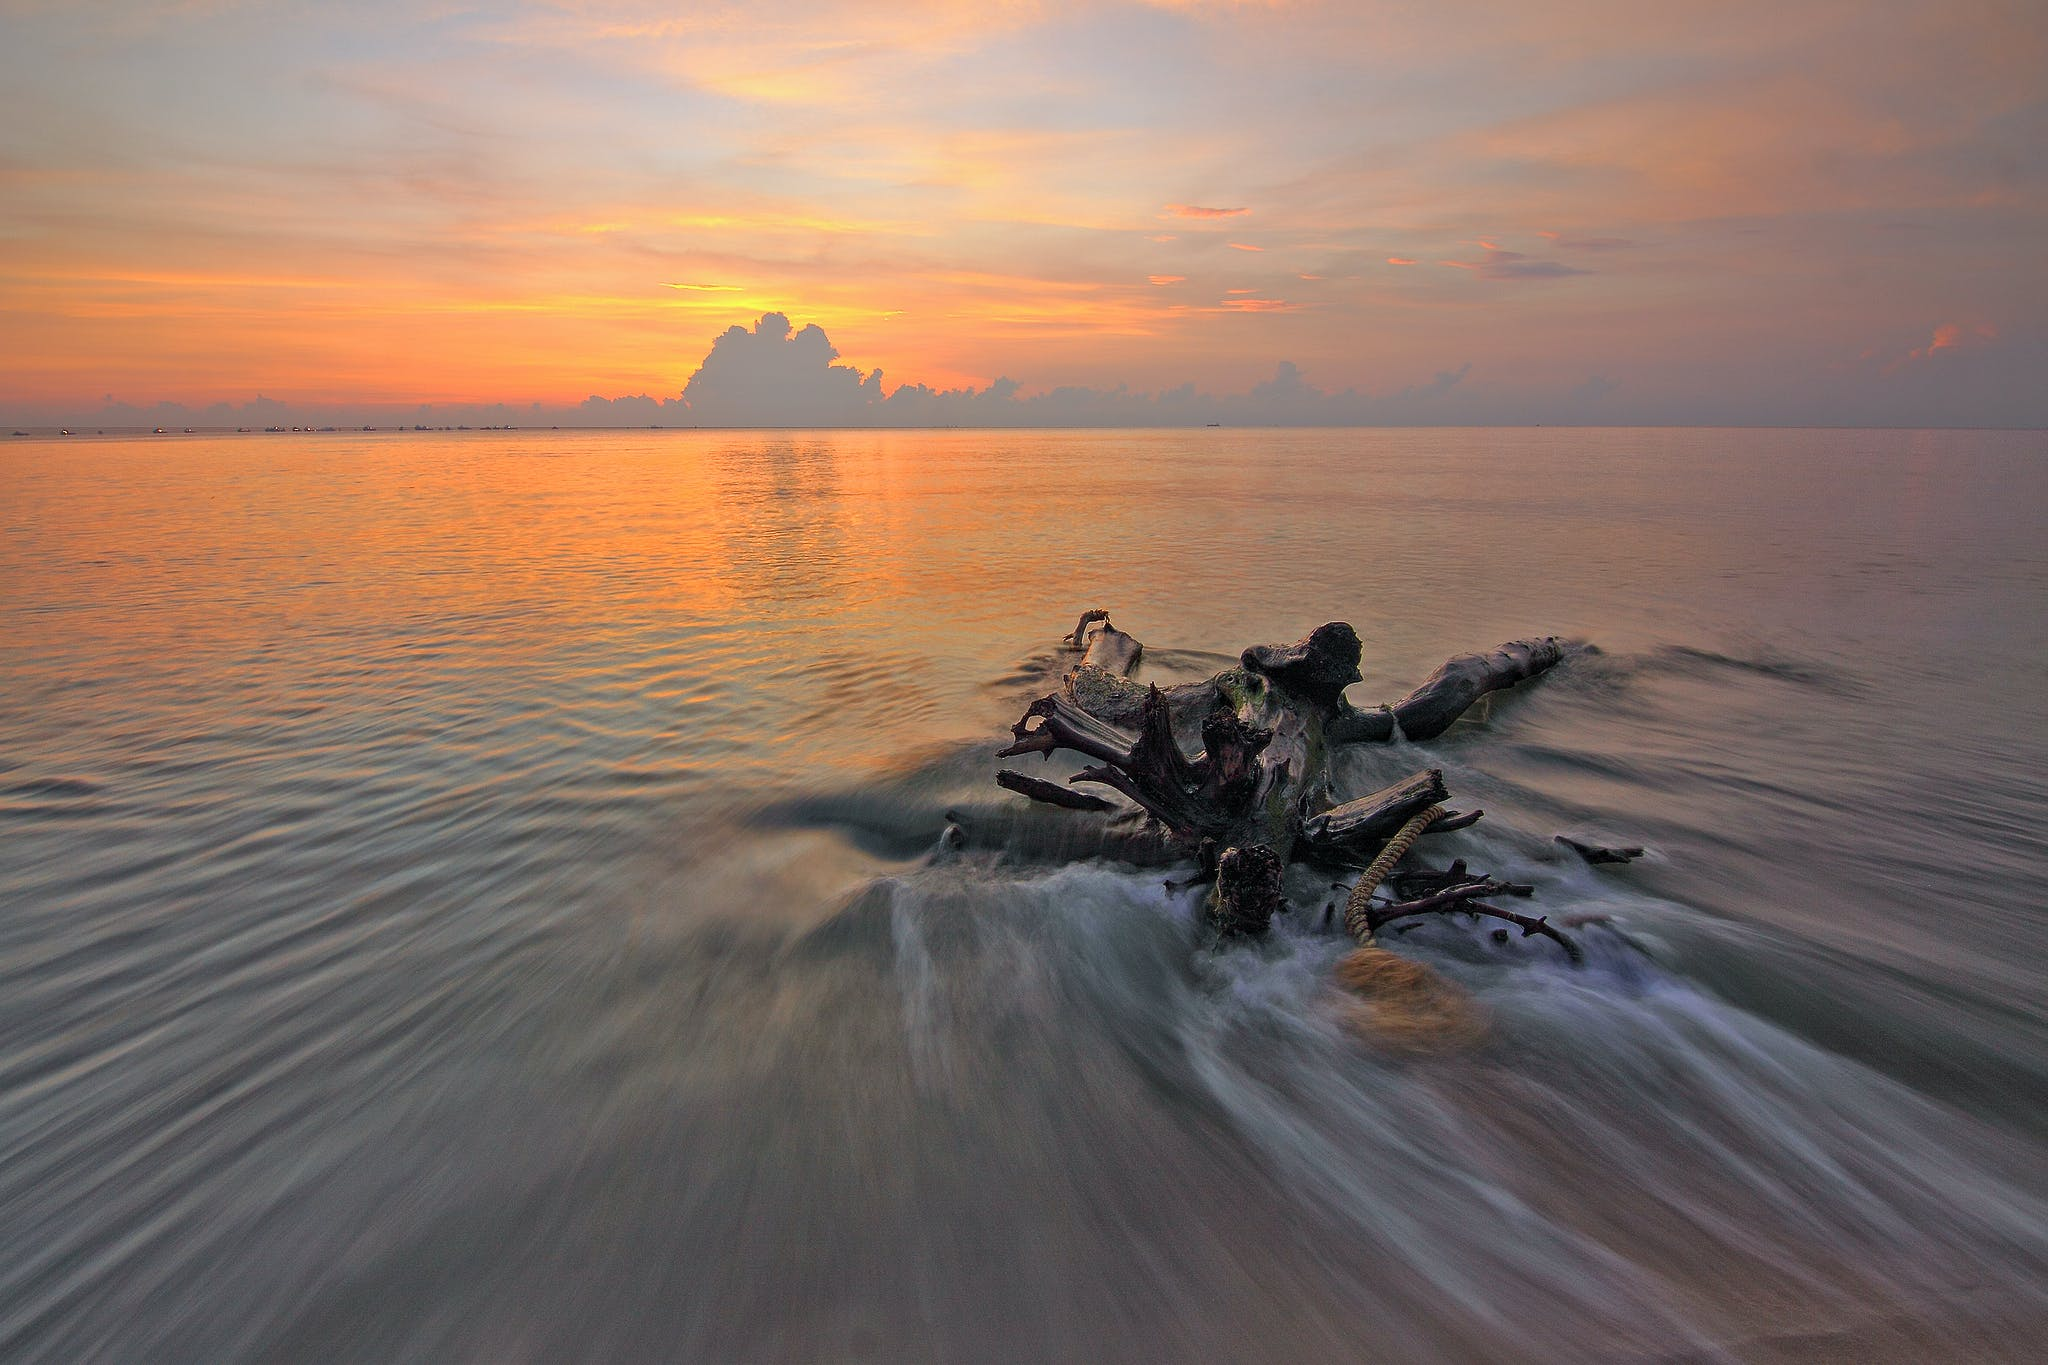 Δωρεάν στοκ φωτογραφιών με ακτή, αντανάκλαση, αυγή, γαλήνιος